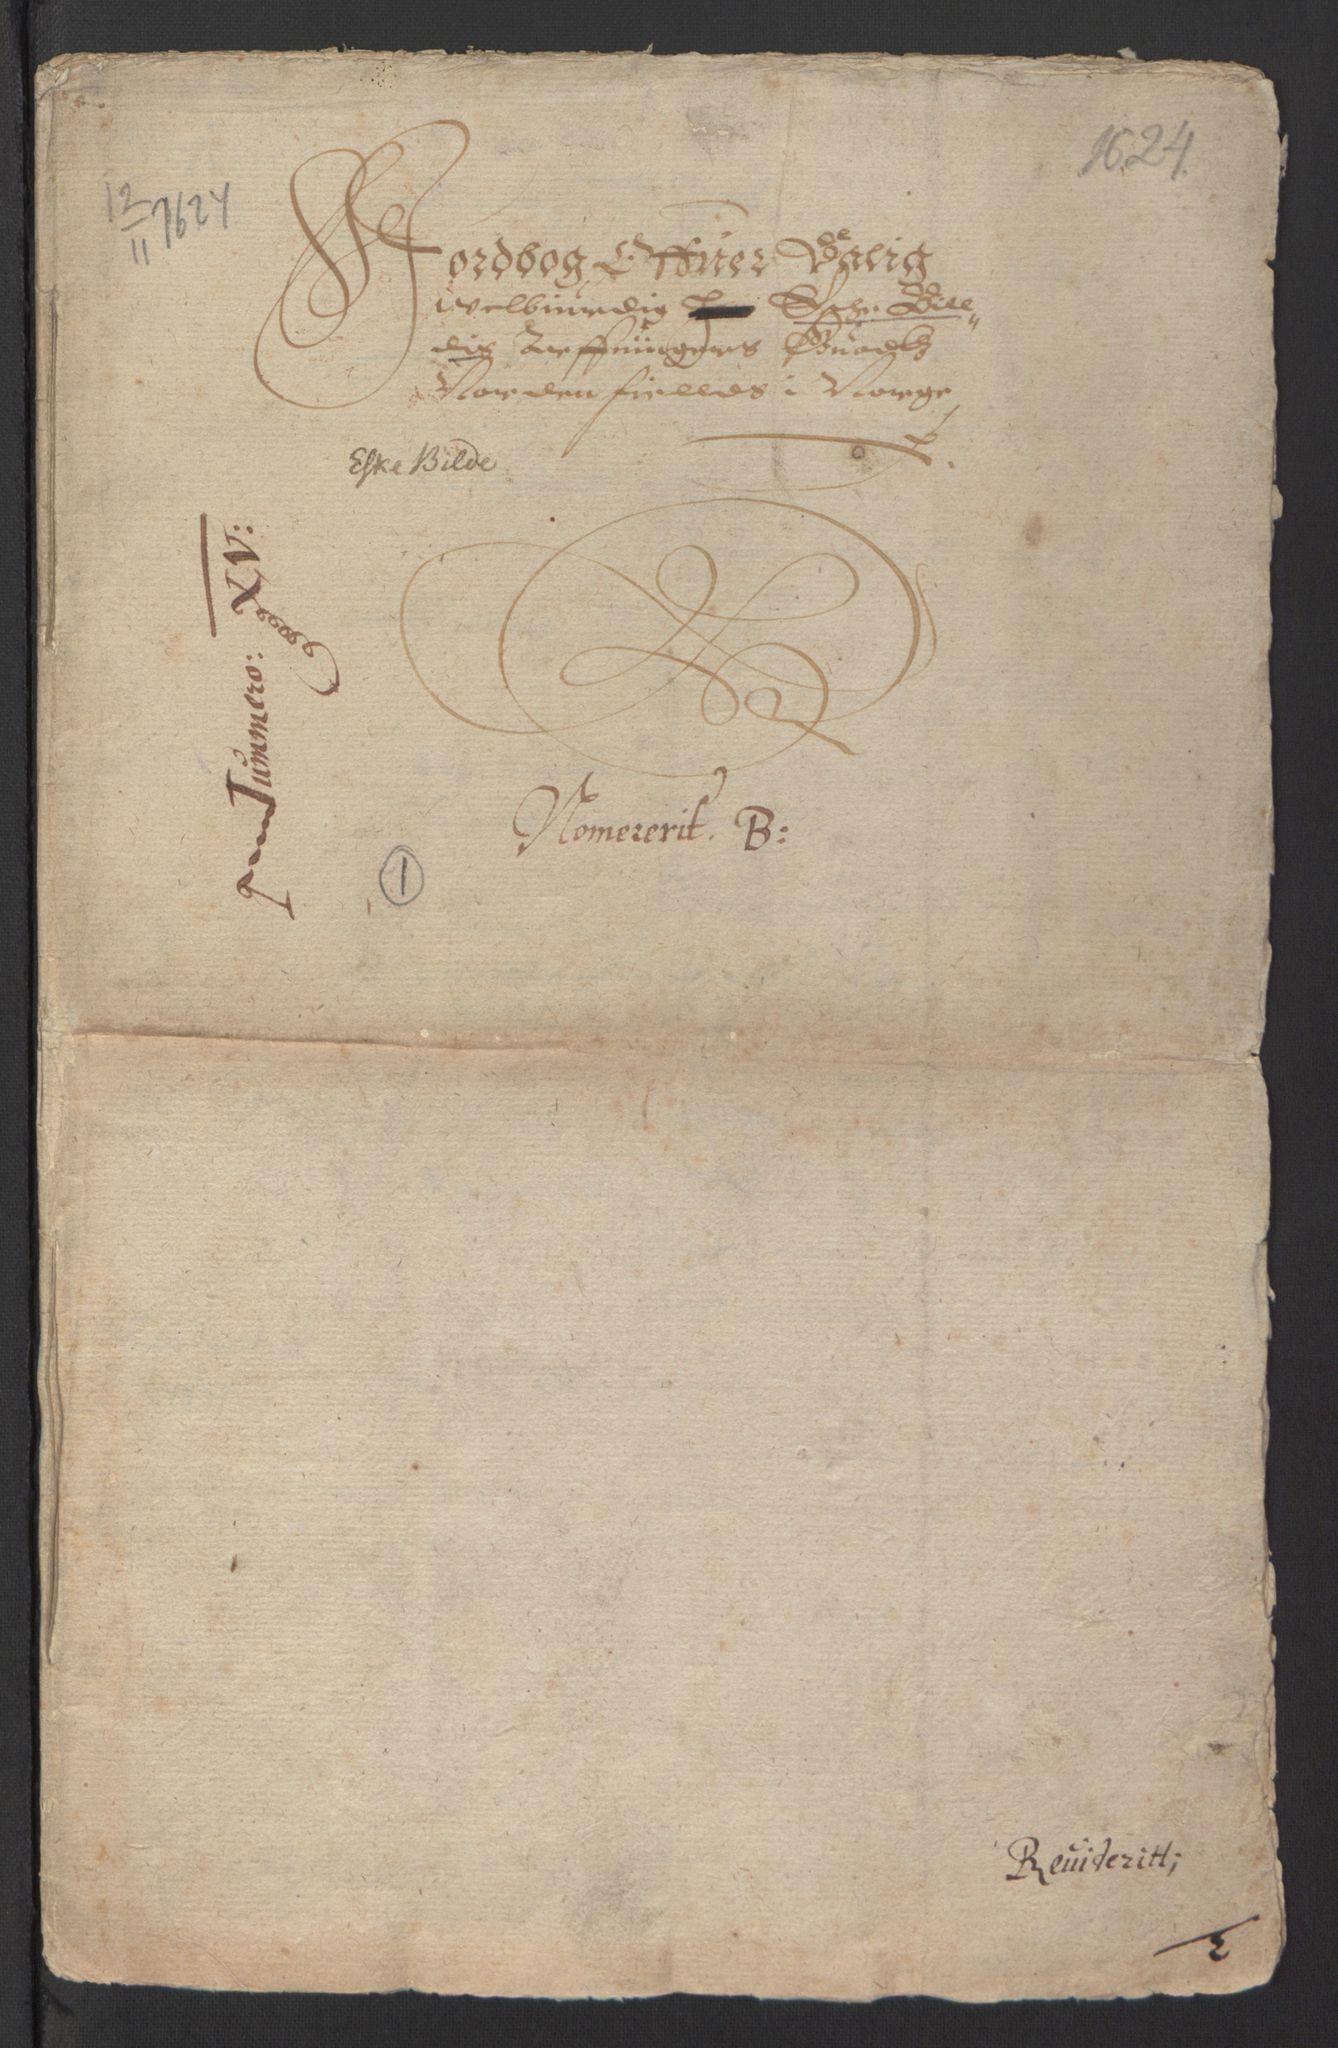 RA, Stattholderembetet 1572-1771, Ek/L0007: Jordebøker til utlikning av rosstjeneste 1624-1626:, 1624-1625, s. 330